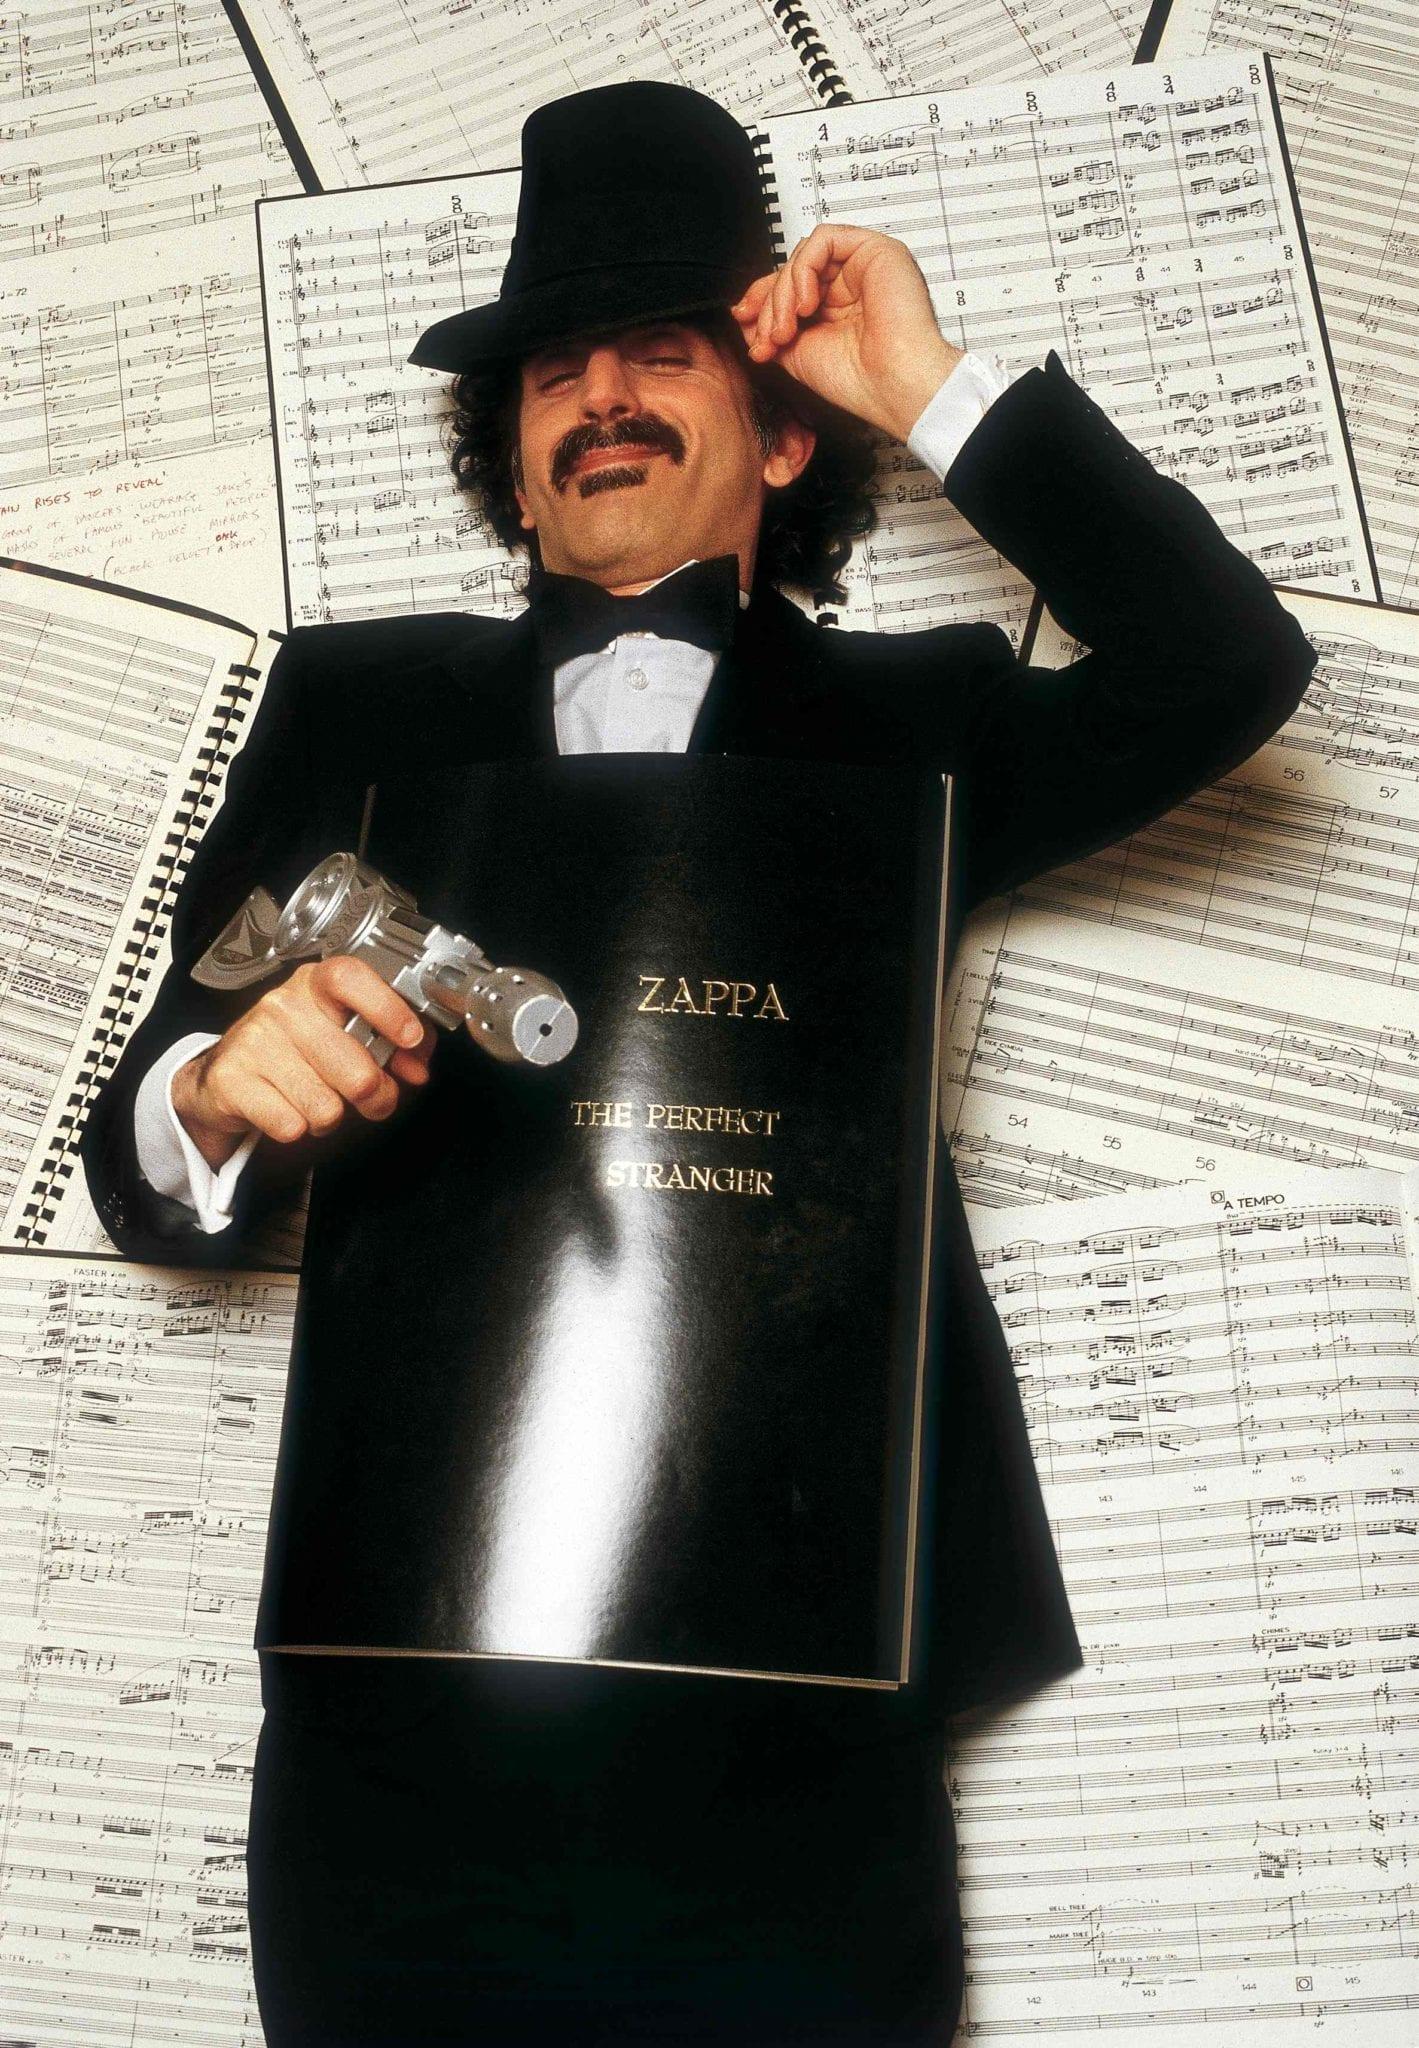 Una notte in ricordo di Frank Zappa all'Auditorium di Milano